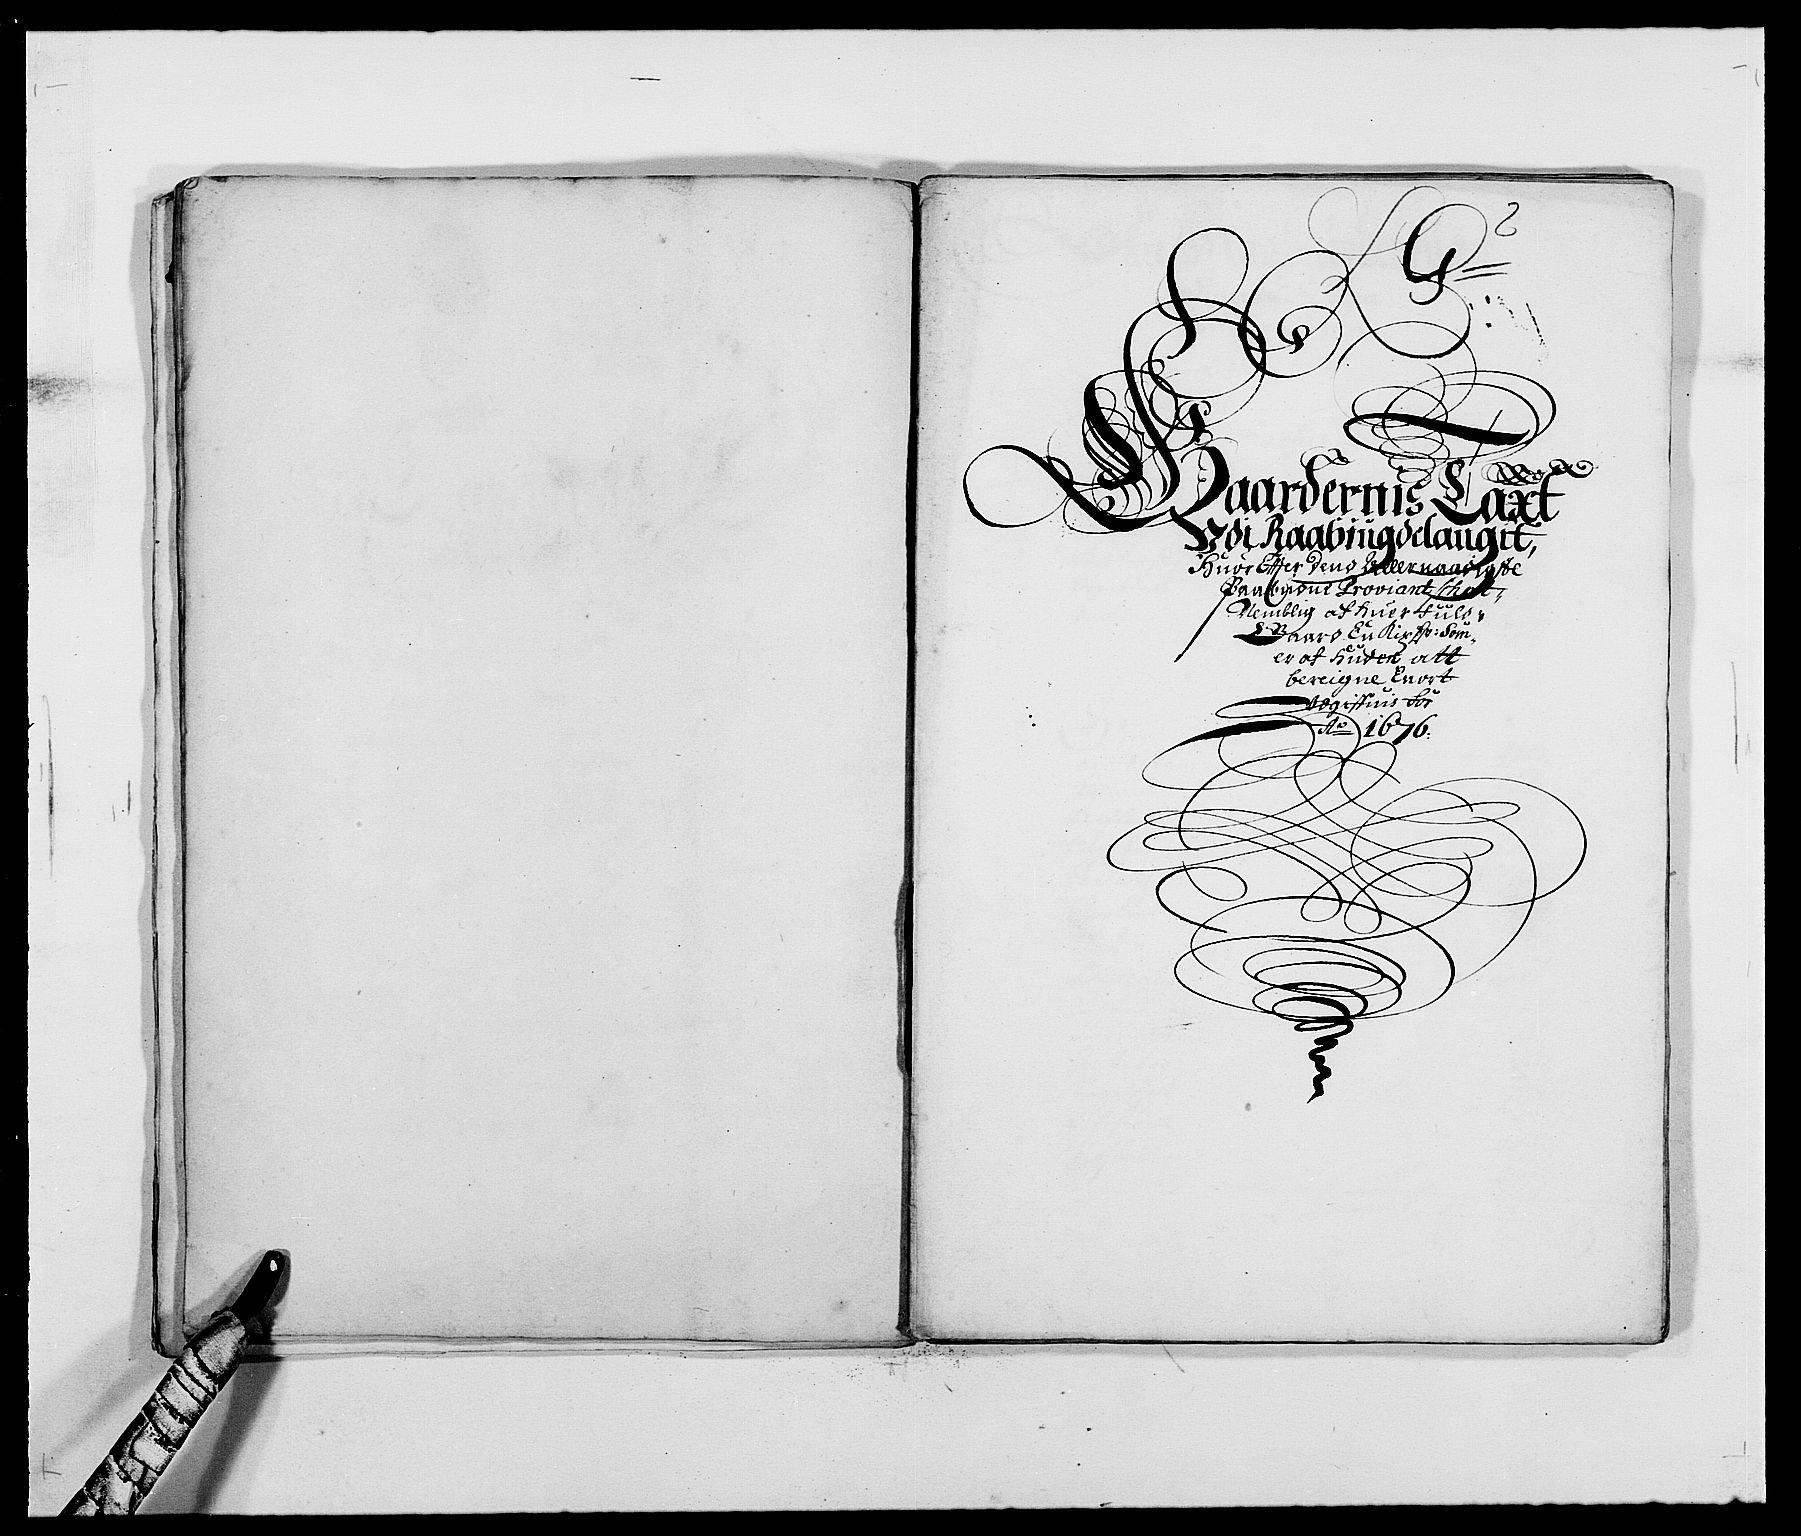 RA, Rentekammeret inntil 1814, Reviderte regnskaper, Fogderegnskap, R40/L2434: Fogderegnskap Råbyggelag, 1675-1676, s. 334